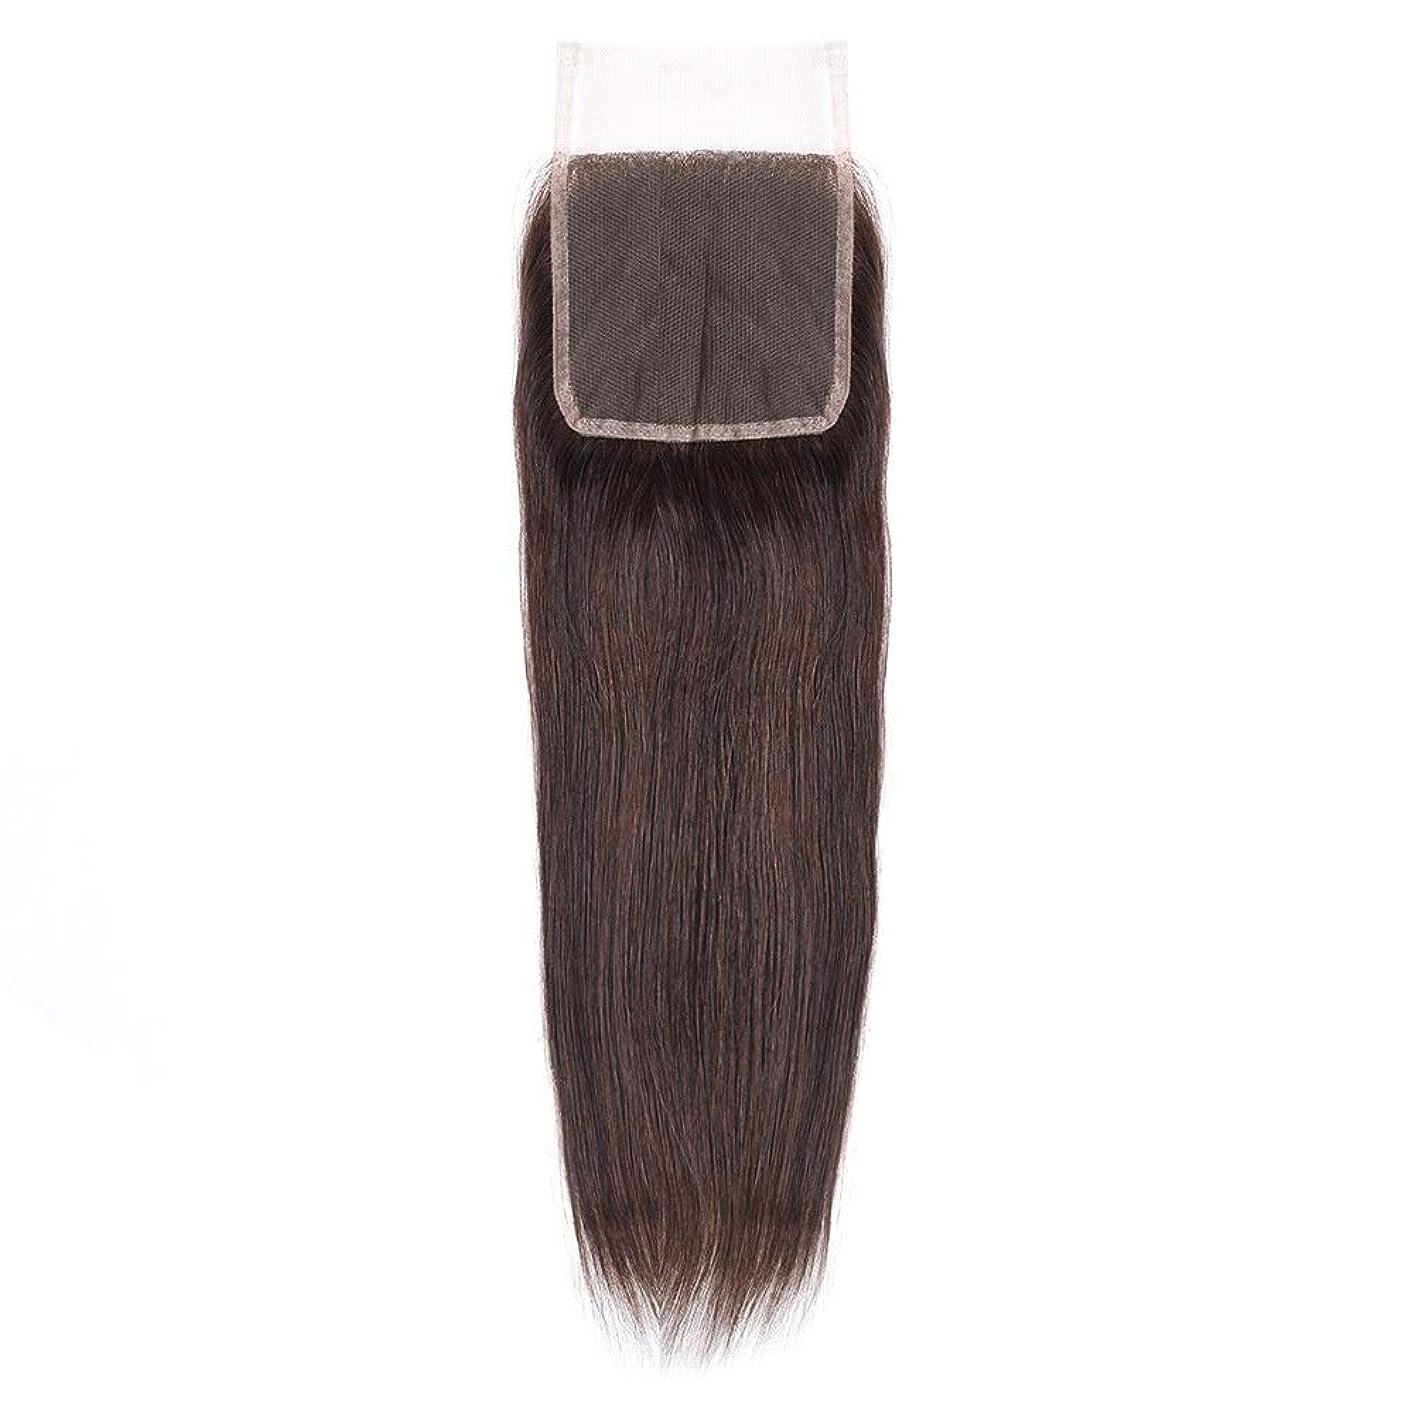 物質中性レジデンスHOHYLLYA 絹のような長い茶色のレースの閉鎖ストレートヘアレース前頭ブラジル髪の耳に4 x 4自由な部分の人間の毛髪の女性の合成かつらレースのかつらロールプレイングかつら (色 : 黒, サイズ : 18 inch)